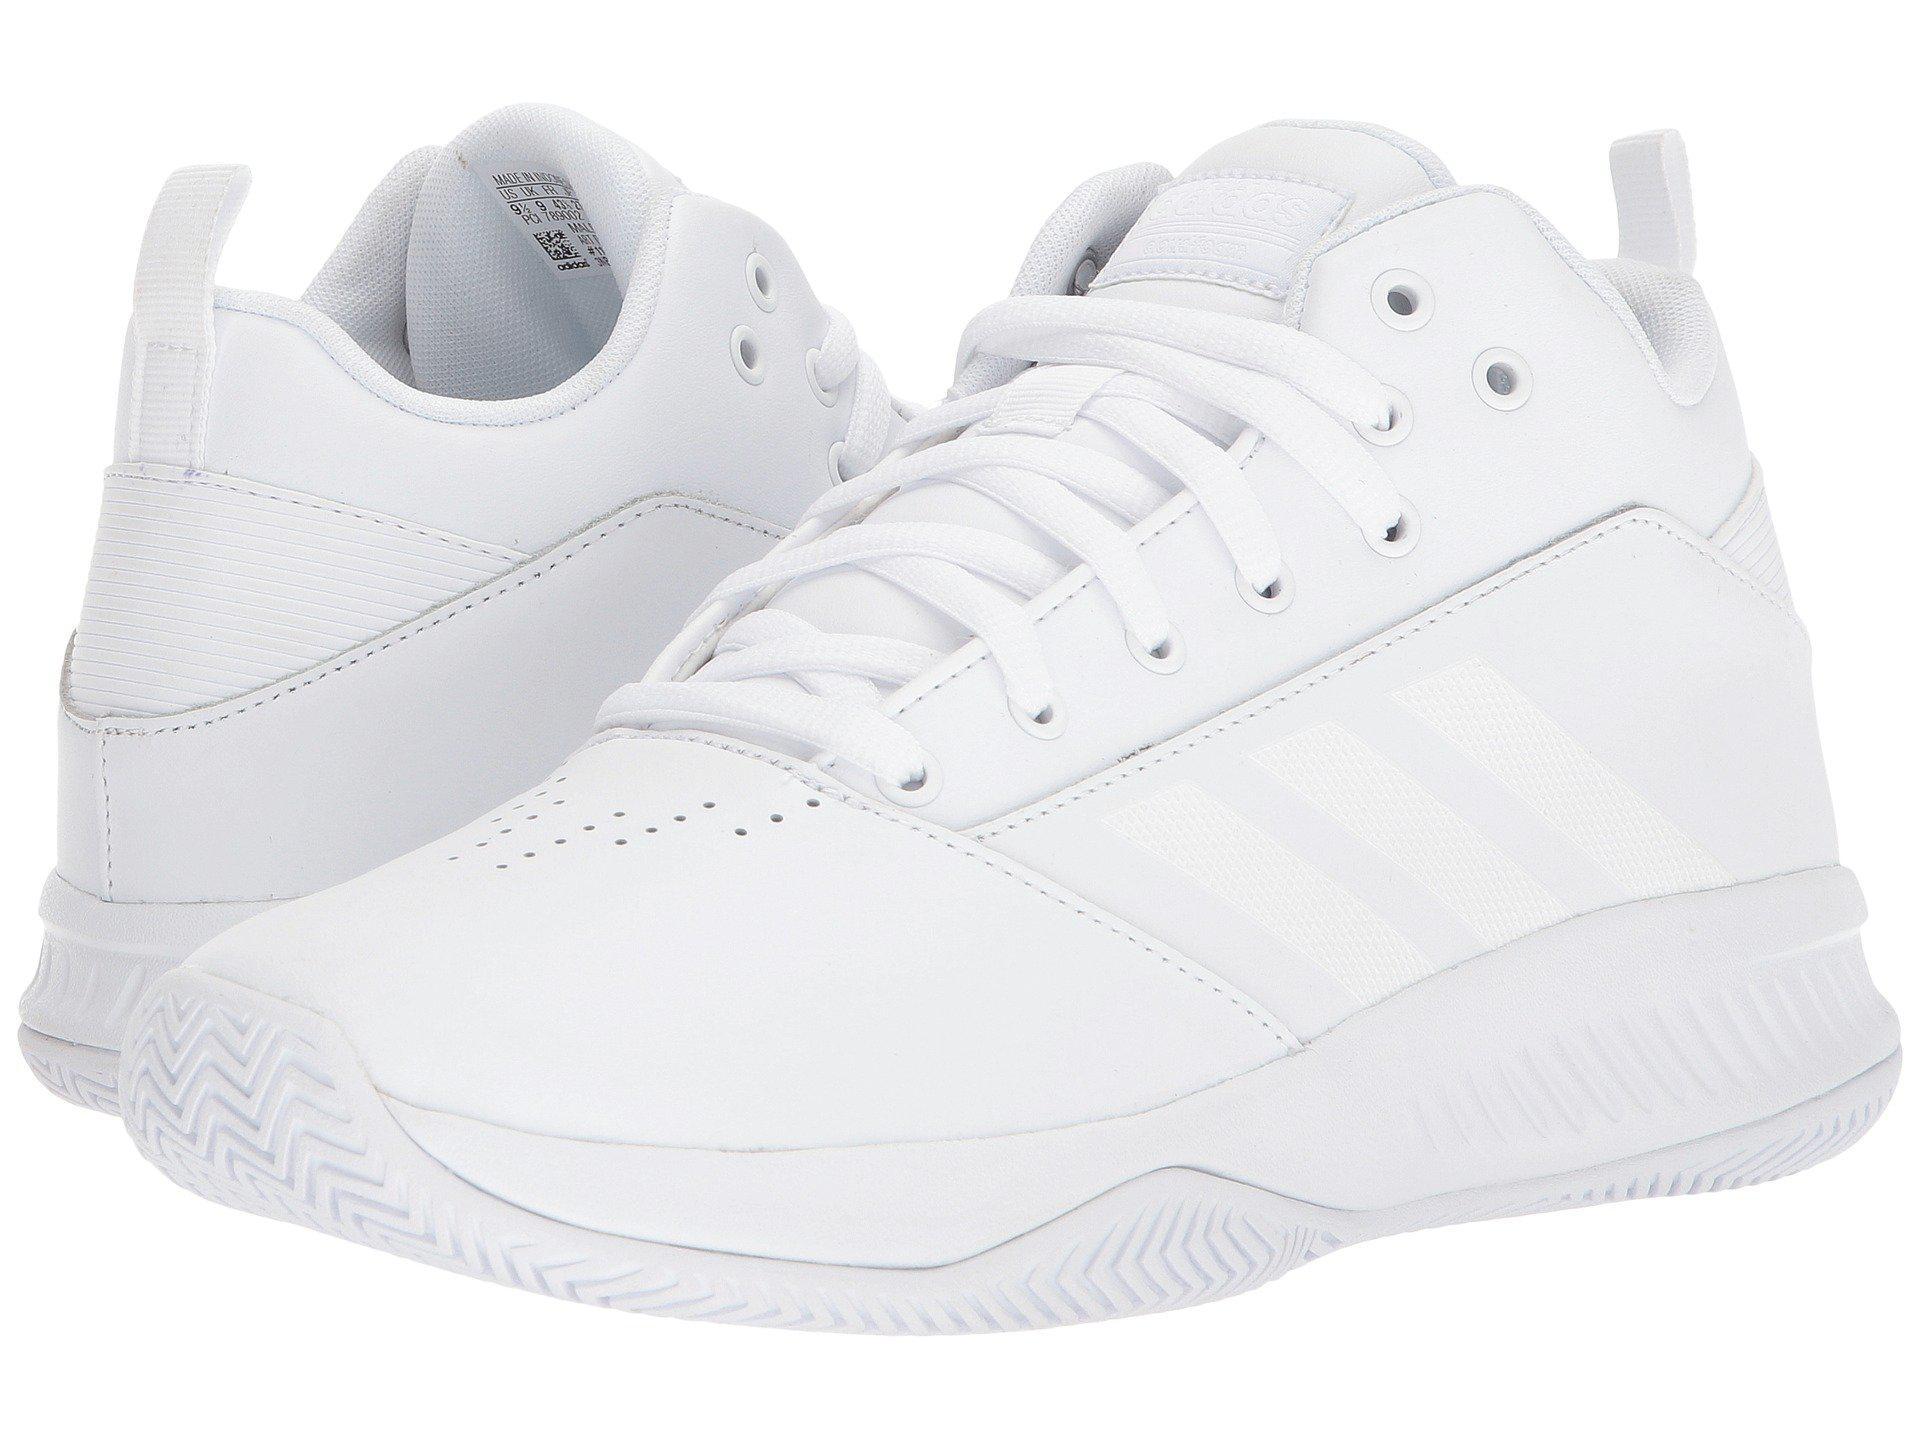 best loved 09b98 2d17d En 2 Ilation Adidas 0 Homme Blanc Cf Pour Lyst t1PXq